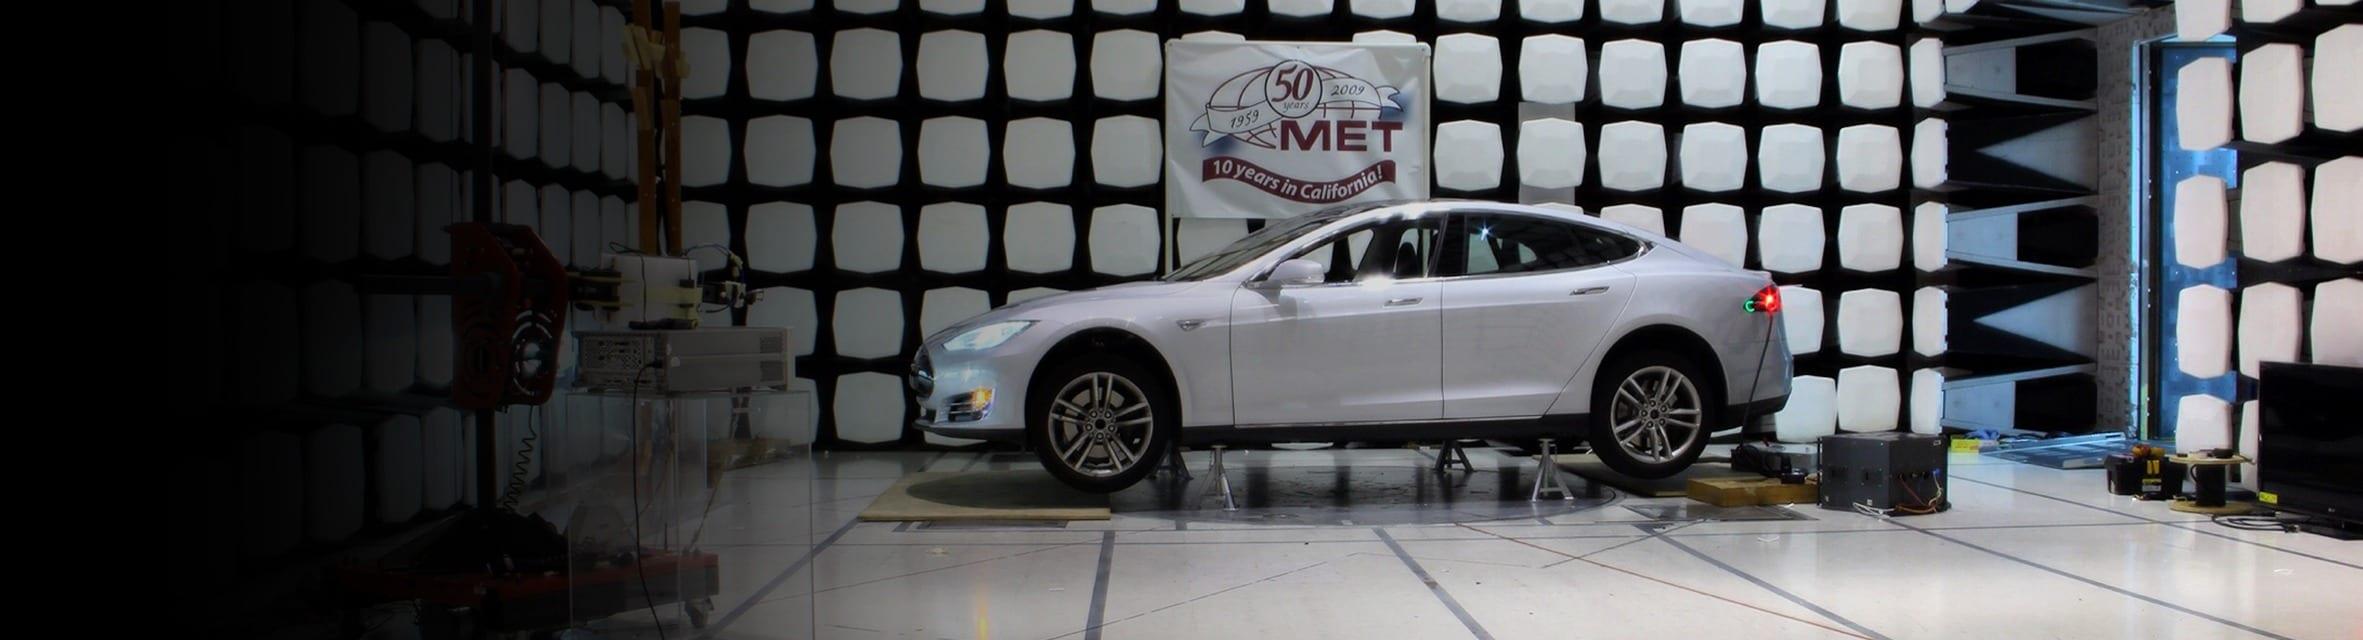 Silicon Valley Automotive